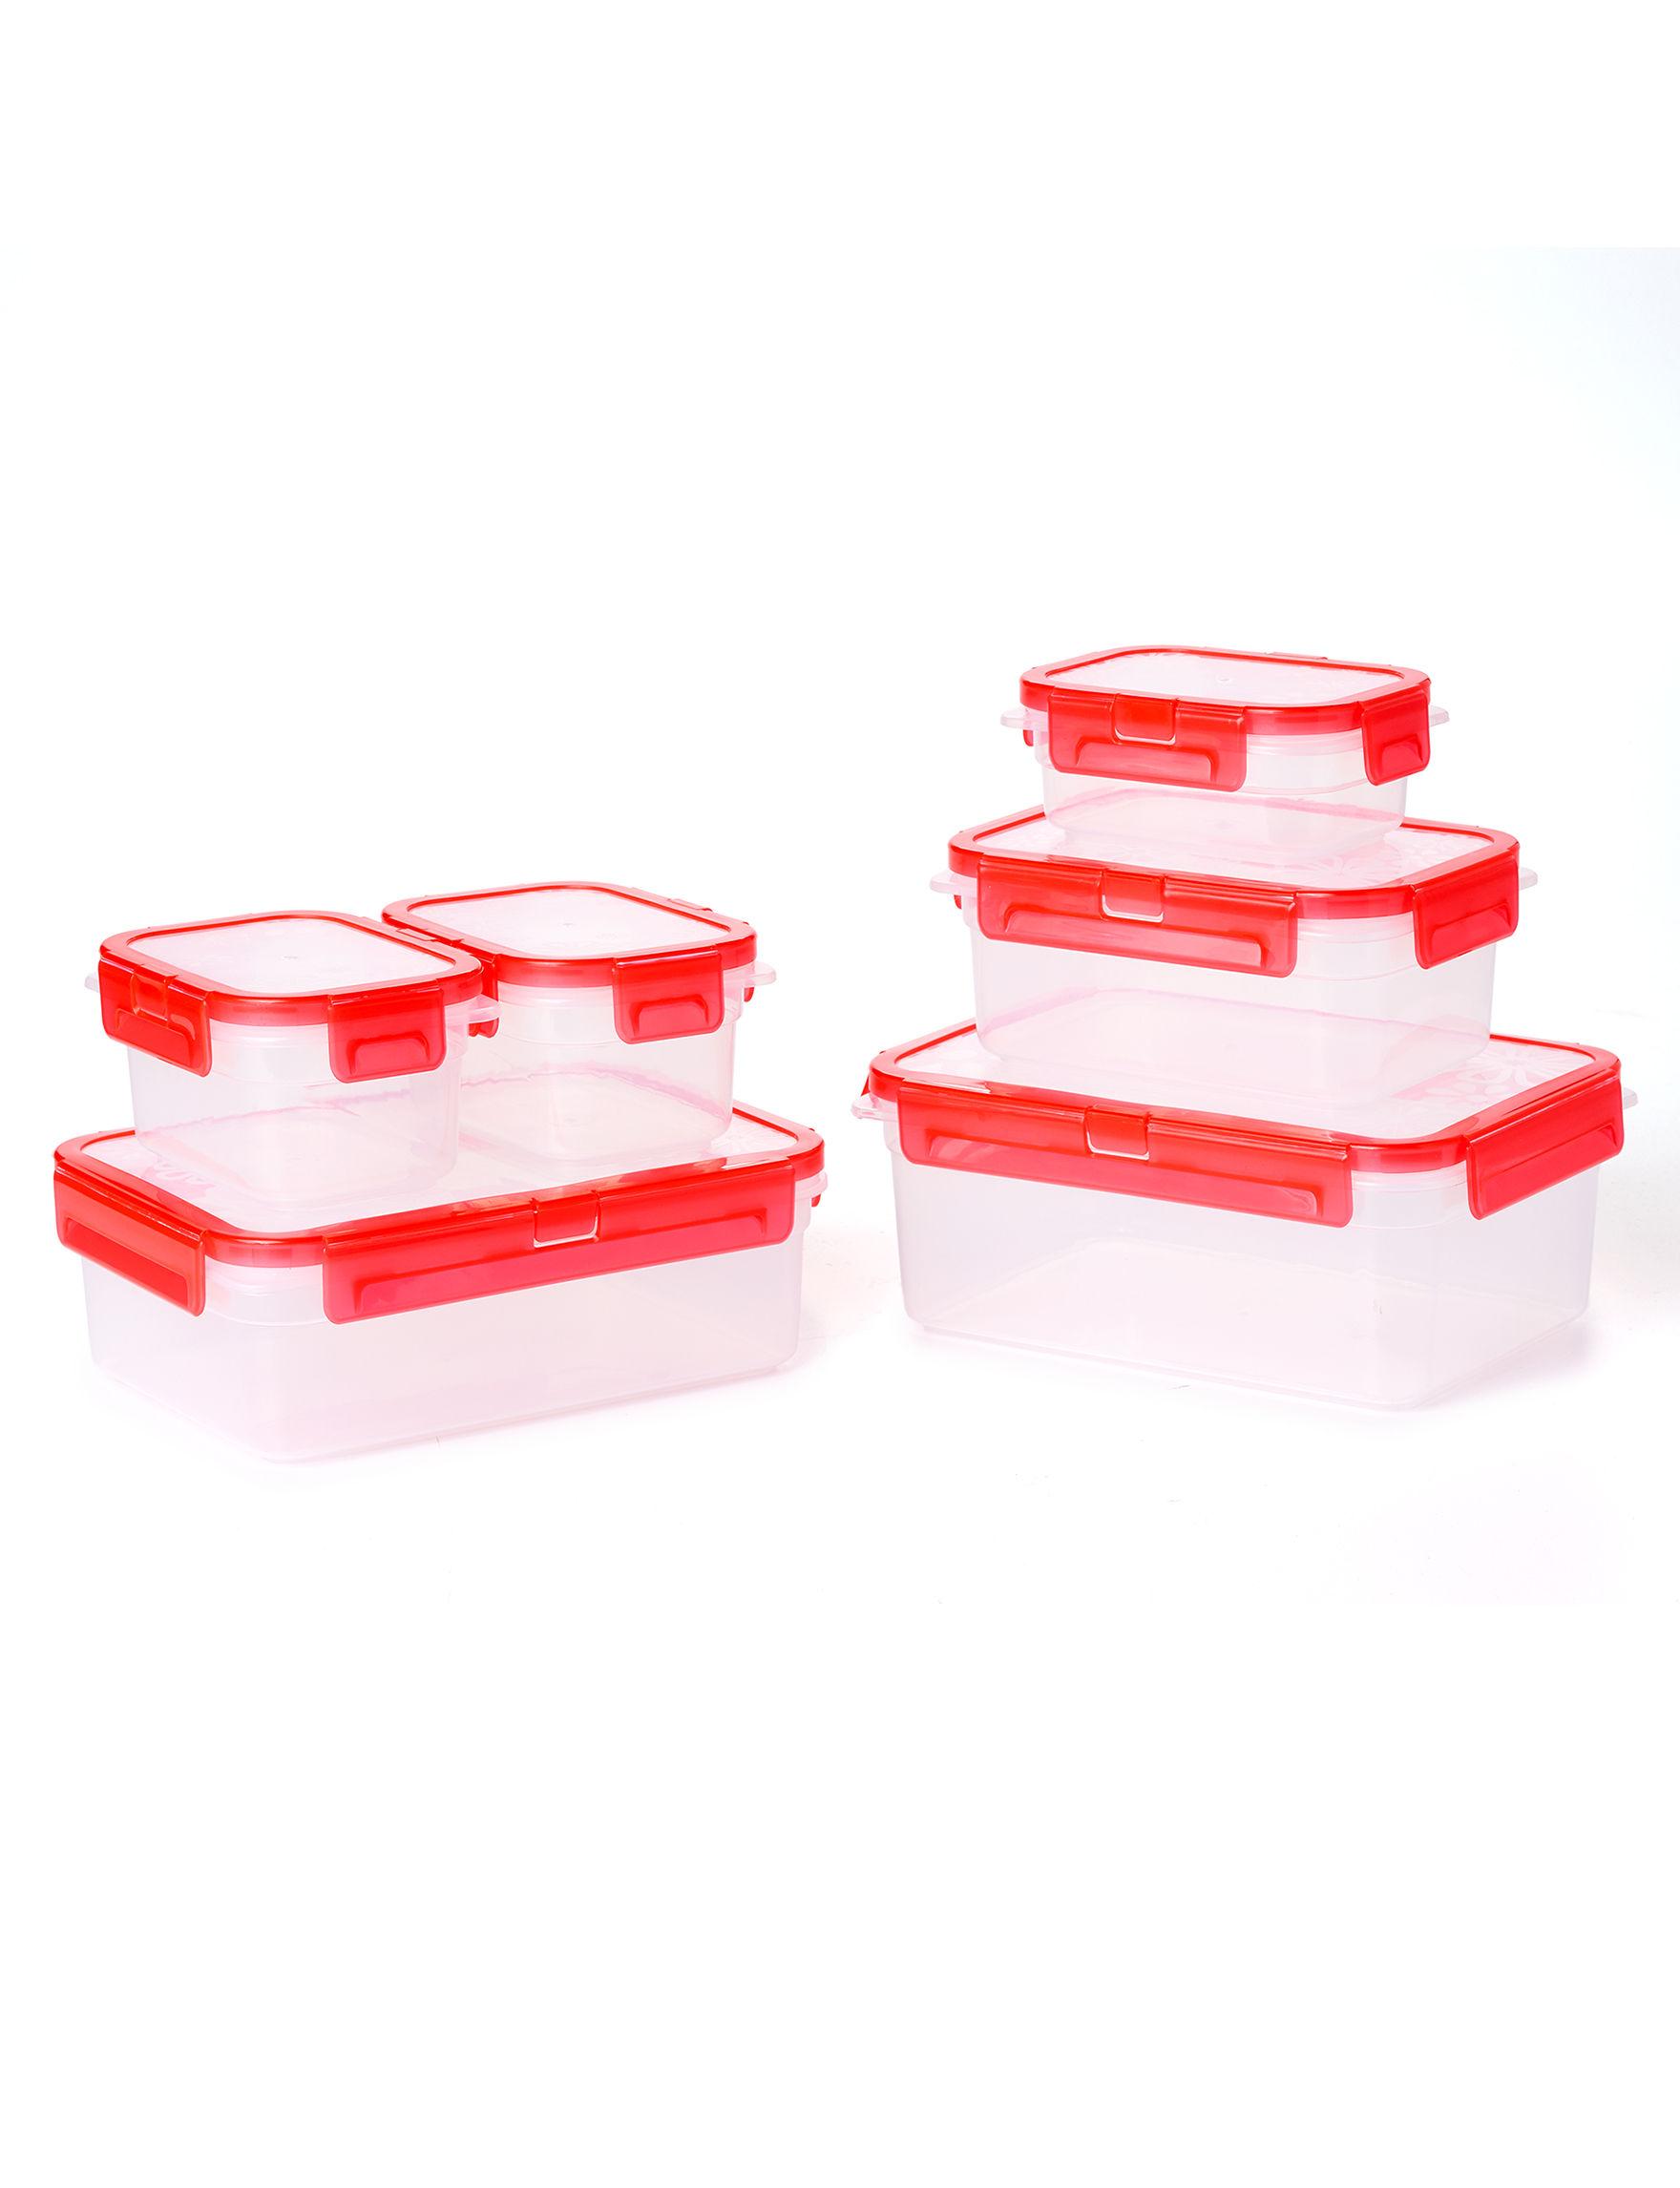 Diamond Home Red Food Storage Kitchen Storage & Organization